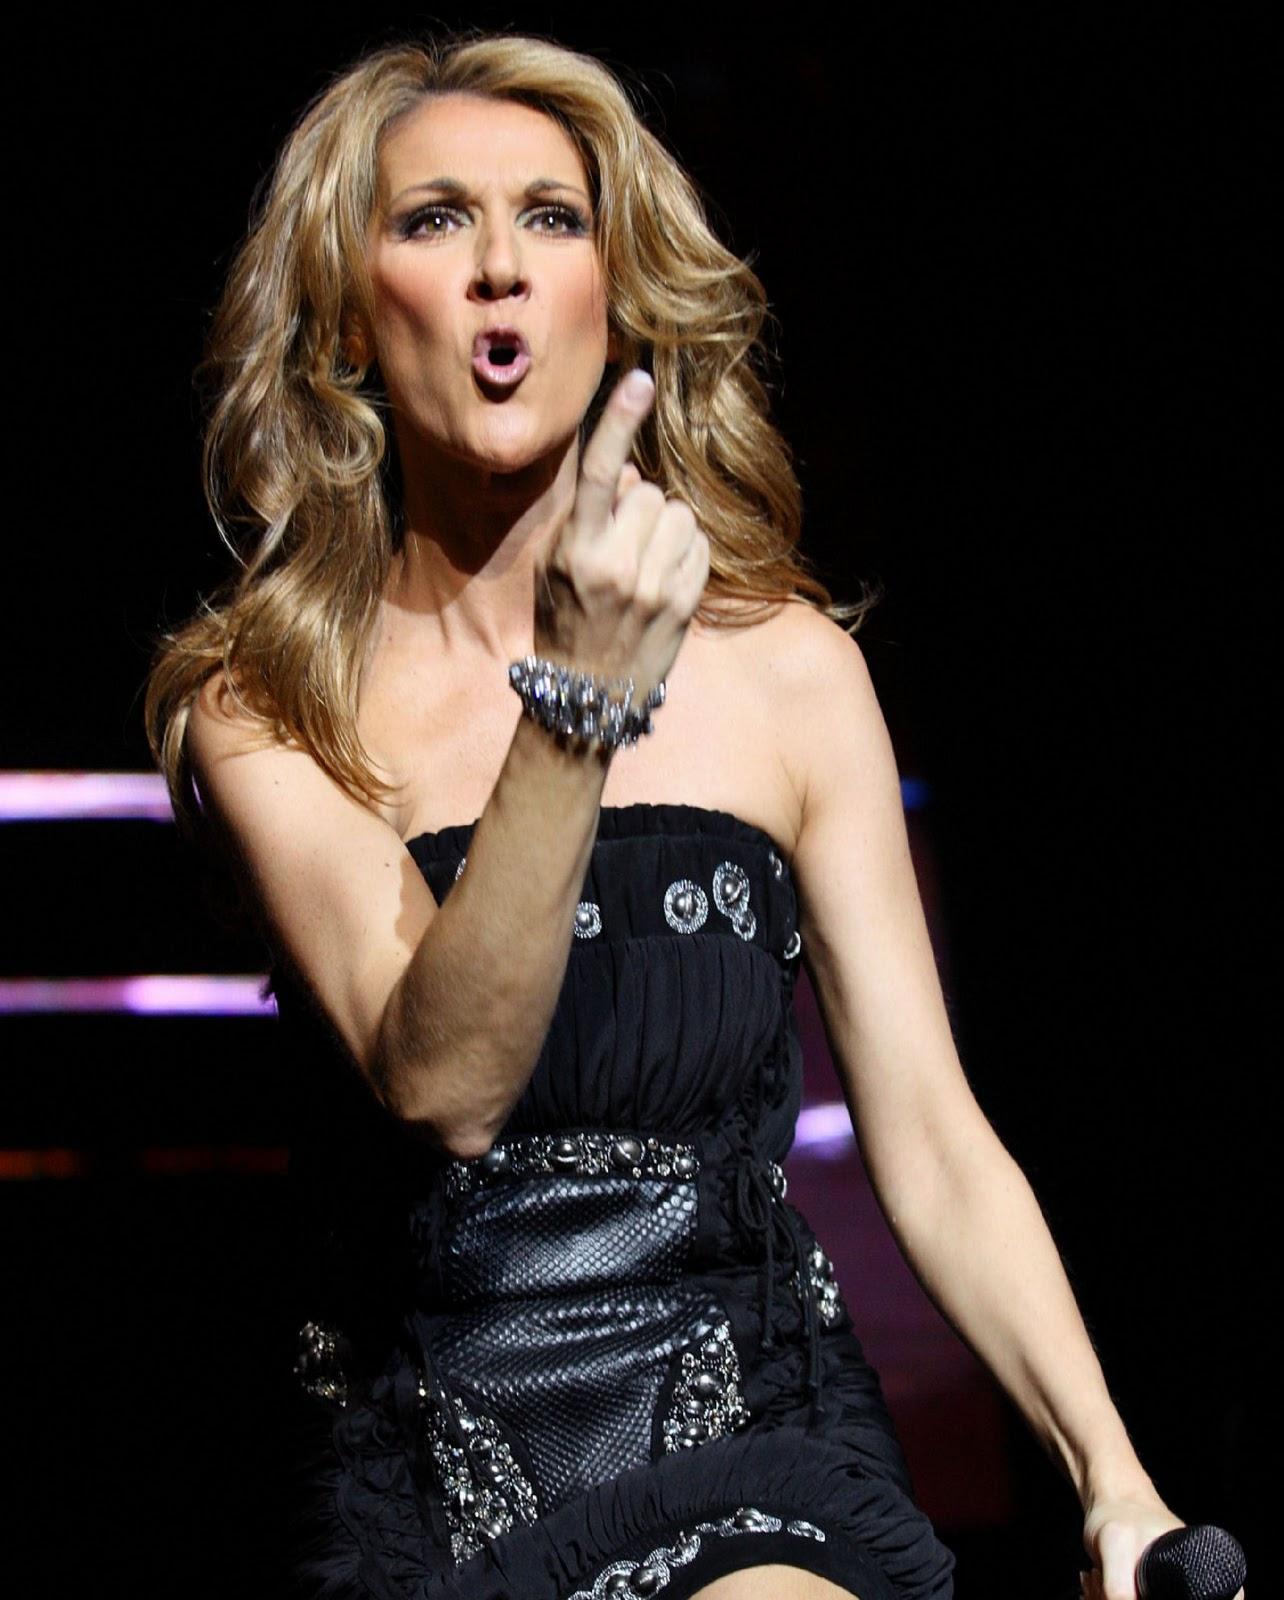 http://3.bp.blogspot.com/-Y7ZX0FFEpks/TqvRkGBr7tI/AAAAAAAAA1Q/ZATvgmxWWw0/s1600/Celine+Dion.jpg